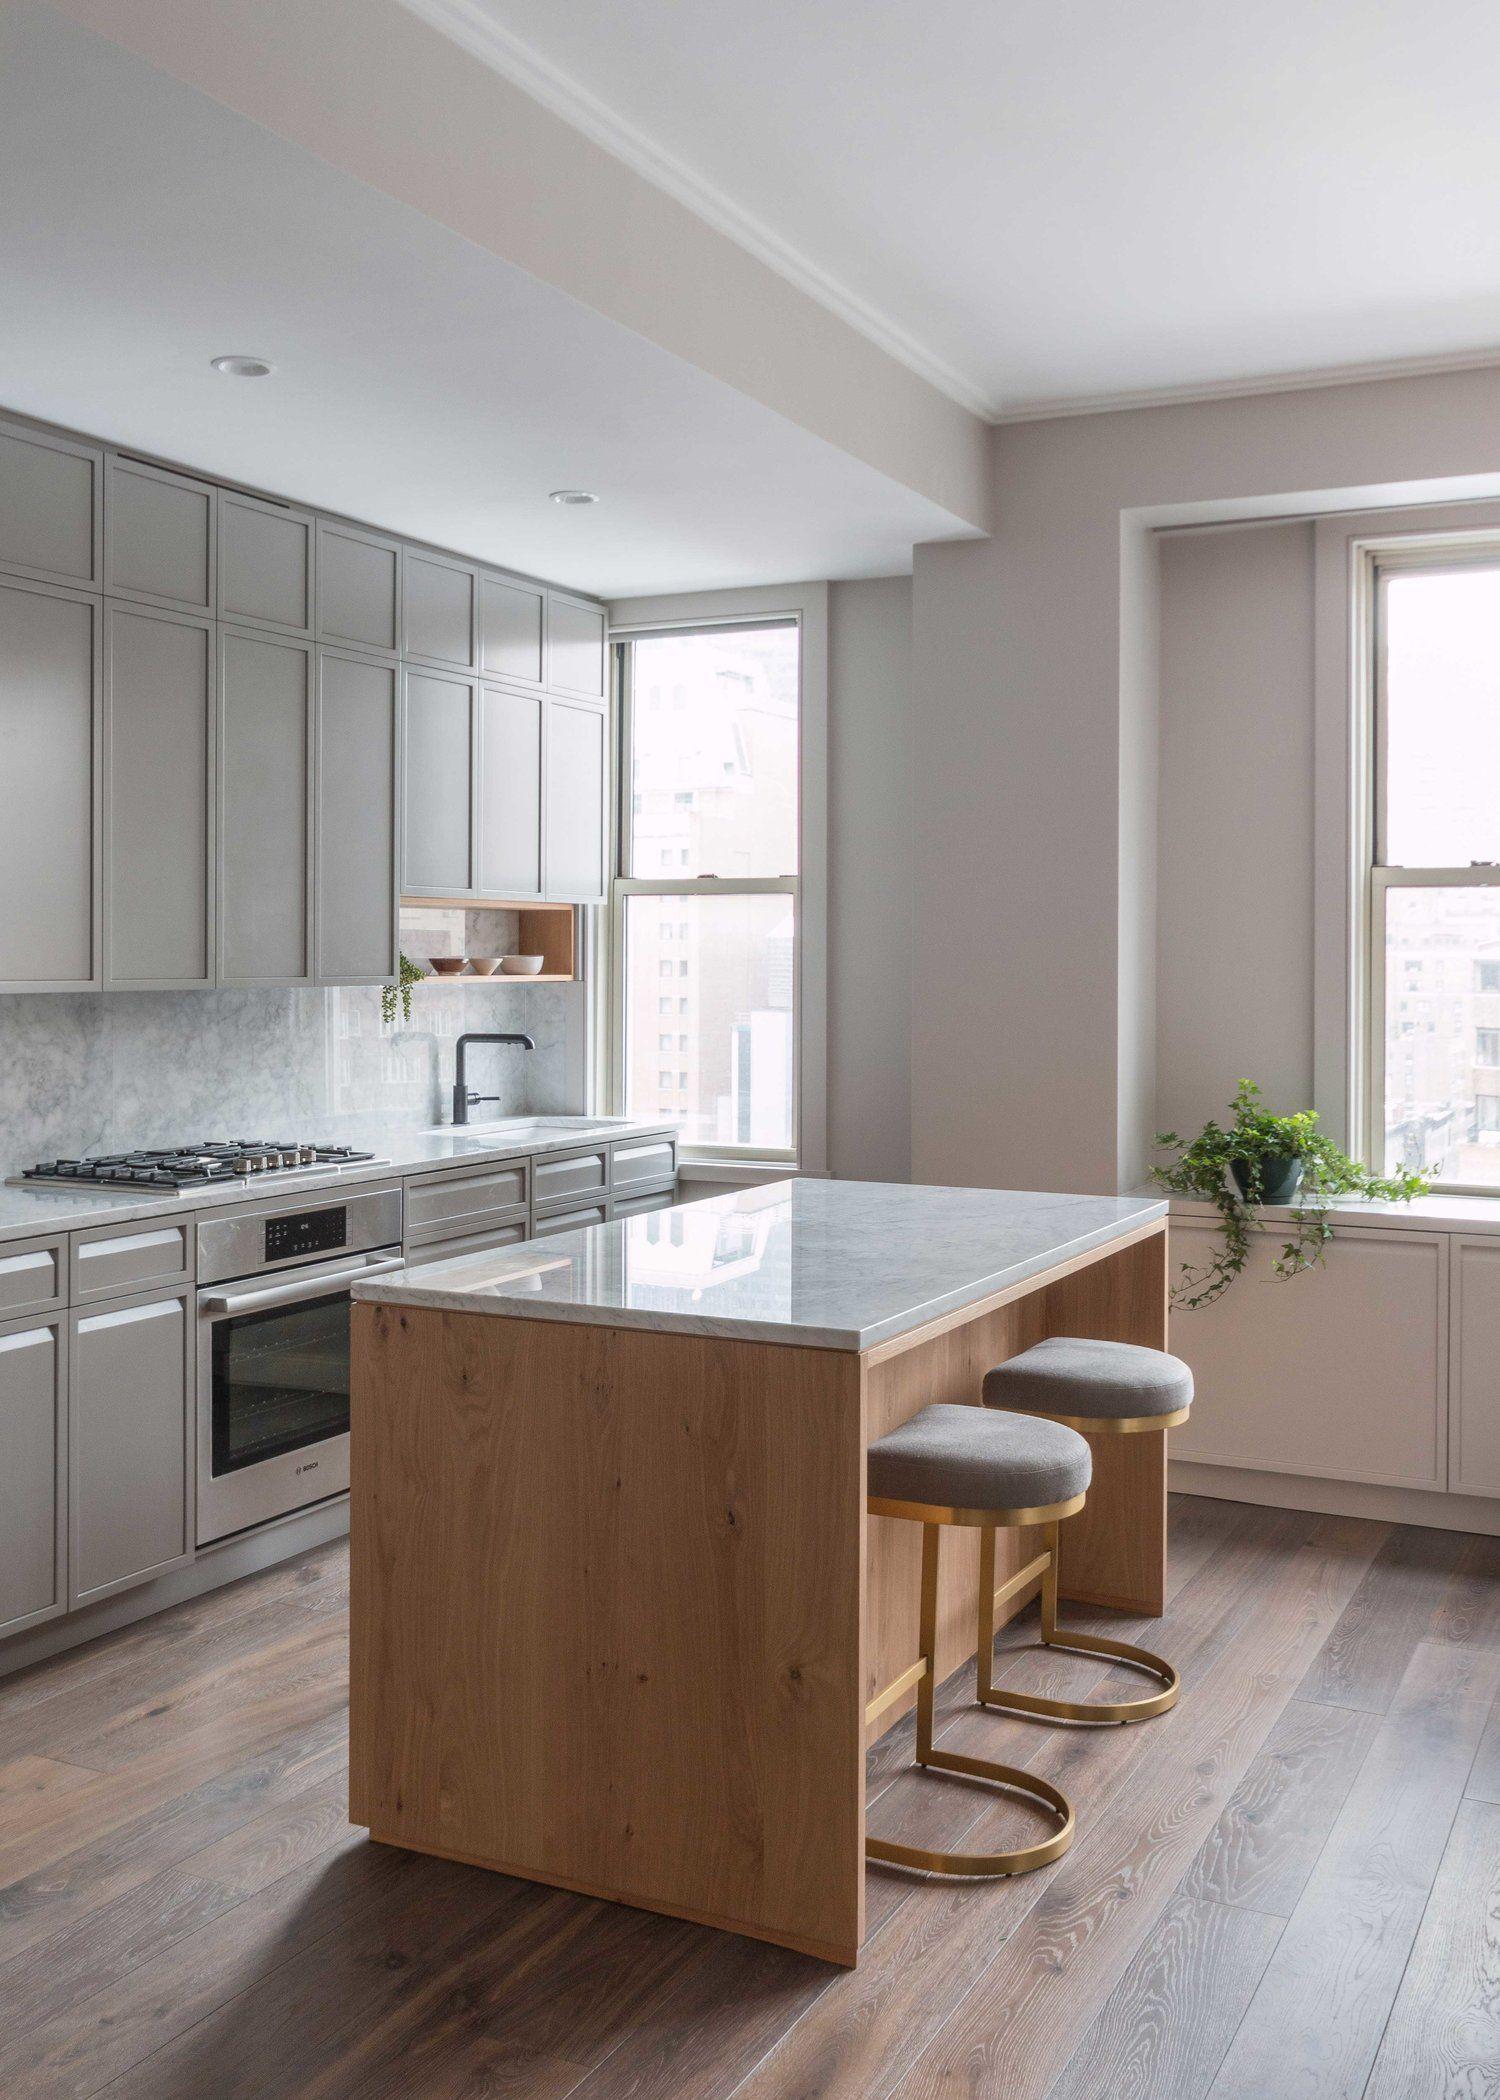 pin by maria elisabeth pedersen on k kken in 2019 kitchen ceiling rh pinterest com